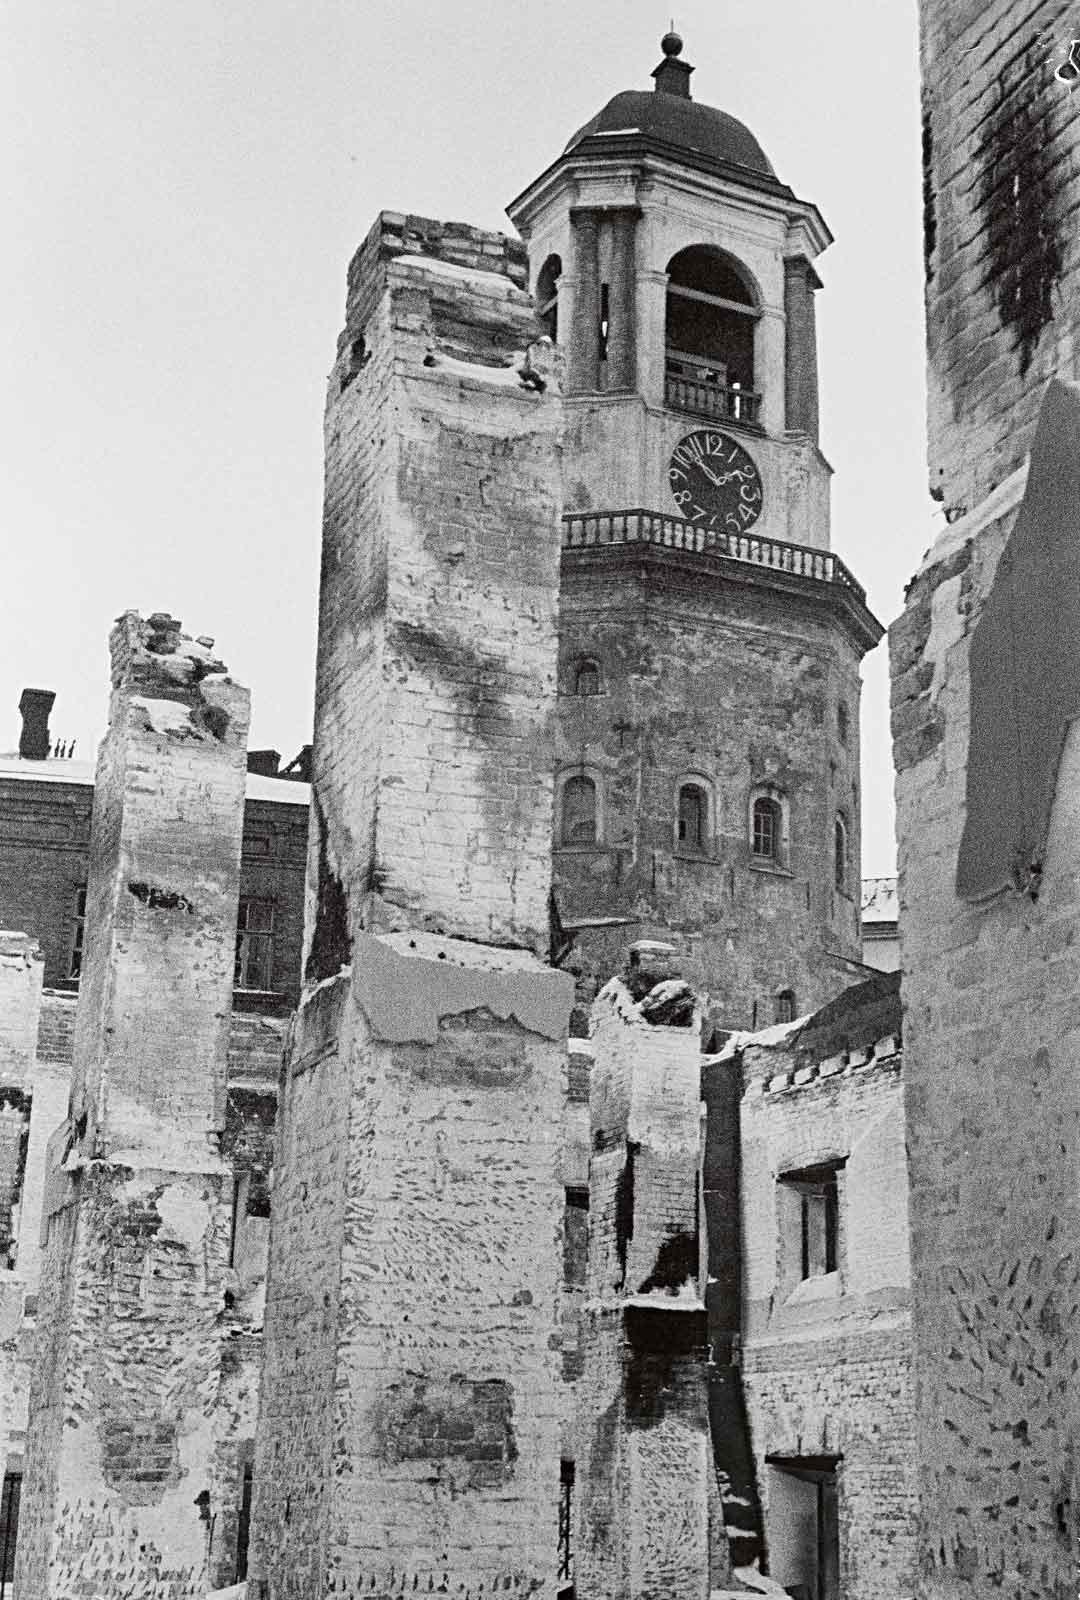 Viipurin varuskuntakirkosta jäivät tuhosunnuntain jälkeen jäljelle kellotornin lisäksi vain sen raunioituneet alaosat. Jo vuonna 1490 rakennettu kellotorni on ollut nykyisen Viipurin suosittuja turistinähtävyyksiä. Sen peruskorjaus aloitettiin kolmisen vuotta sitten.